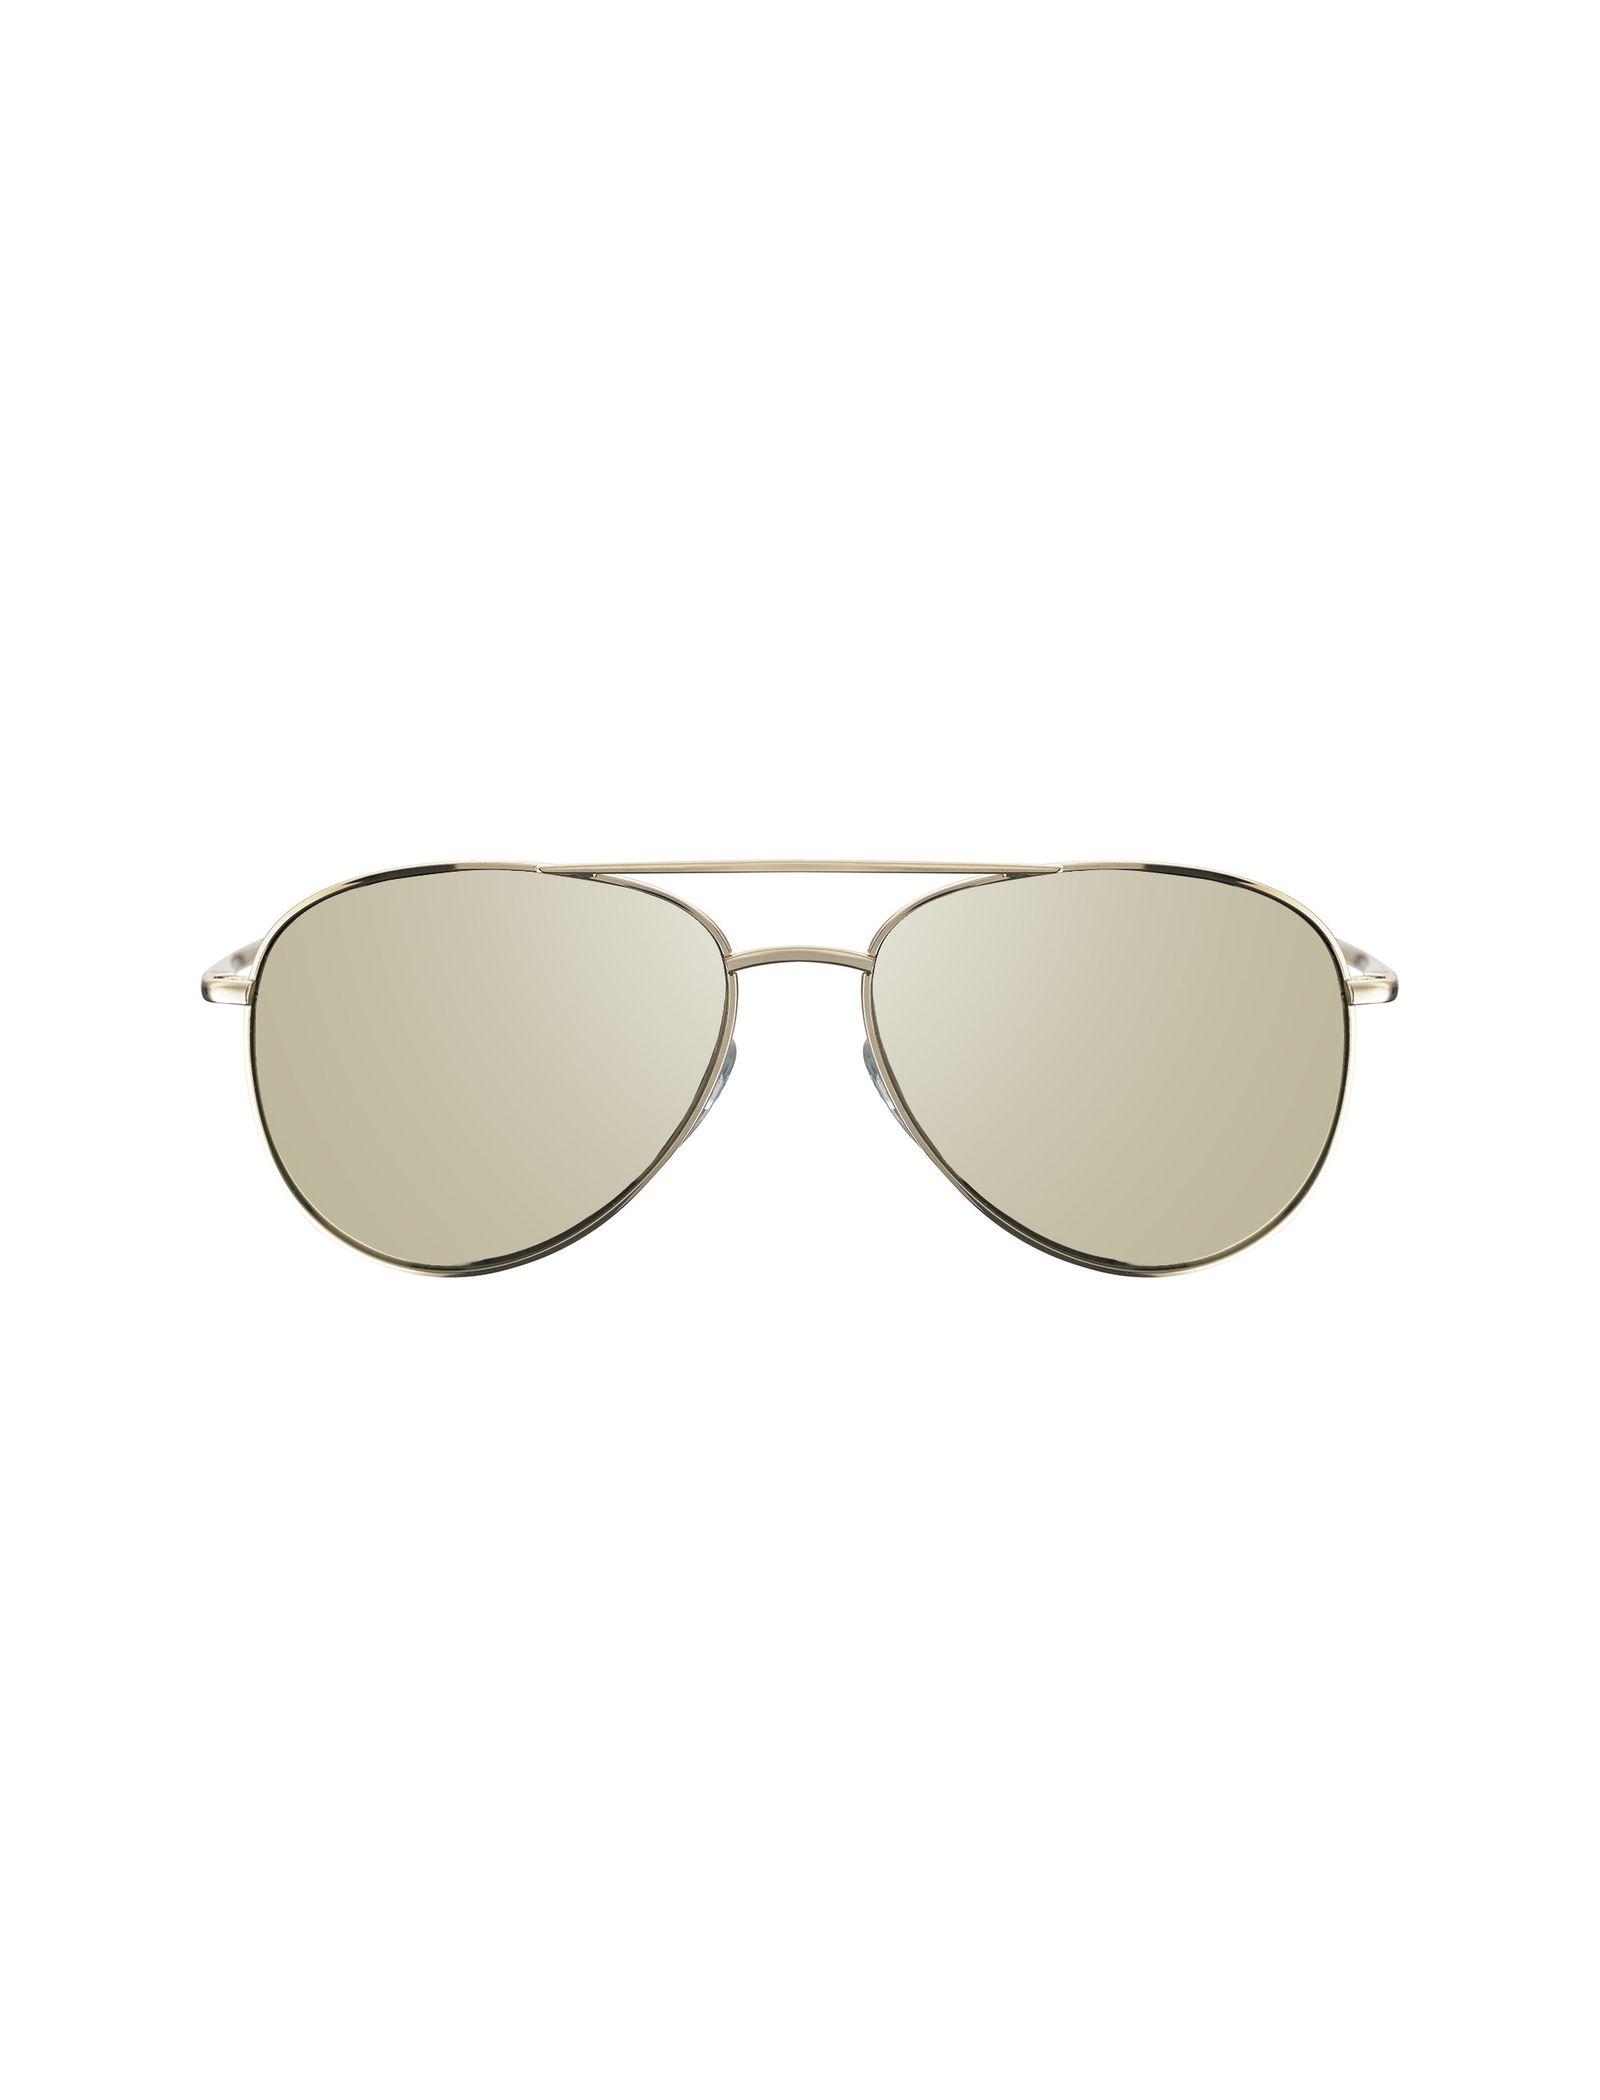 عینک آفتابی خلبانی زنانه - تد بیکر - طلايي    - 1